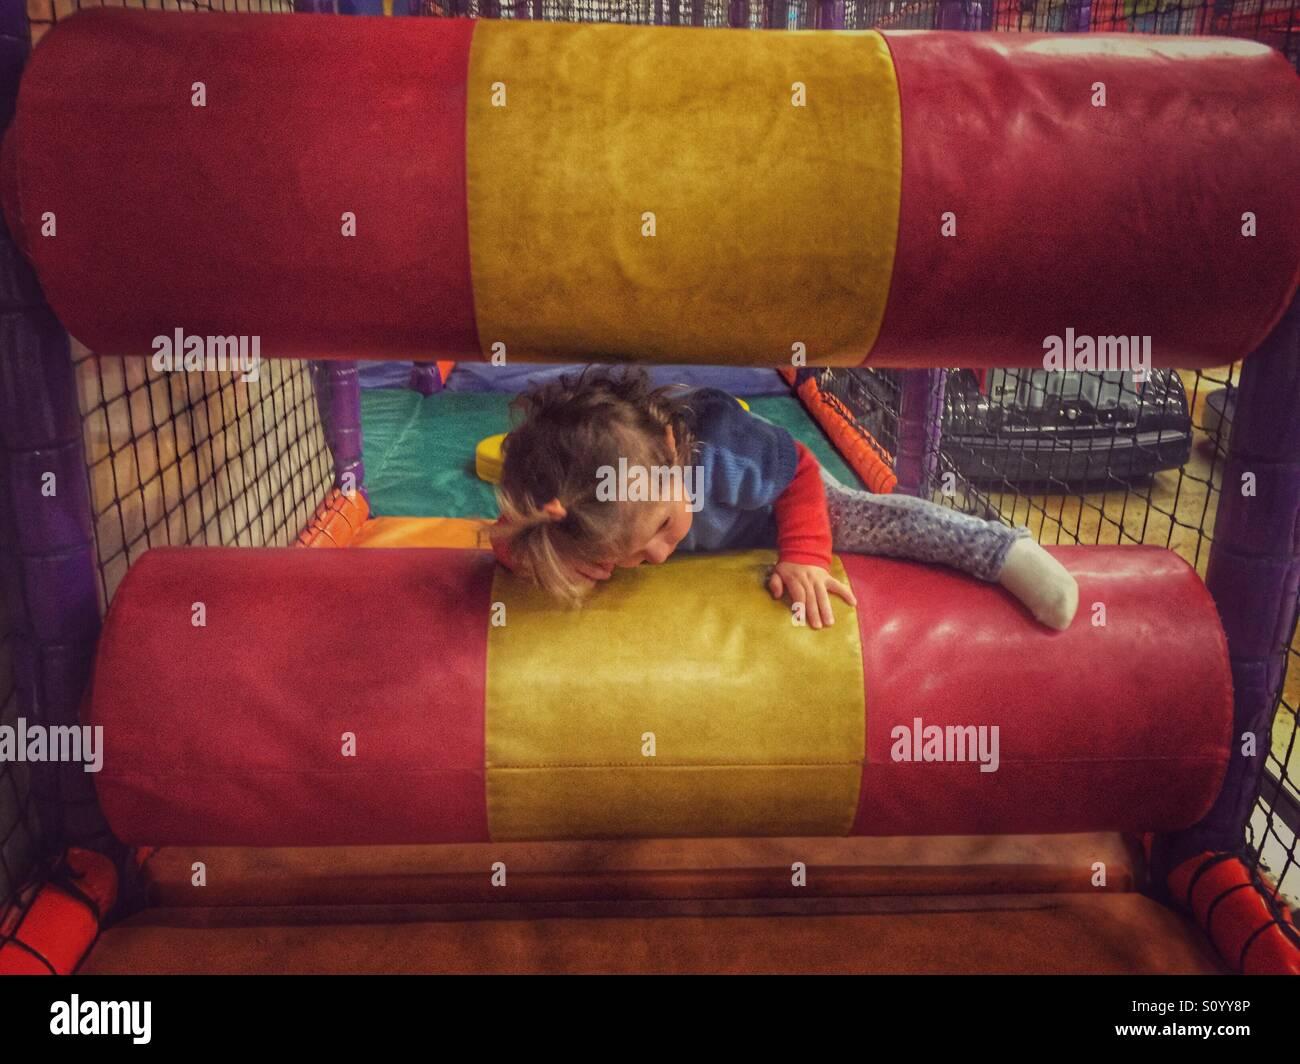 Toddler playing dans l'intérieur de jeux pour enfants Banque D'Images